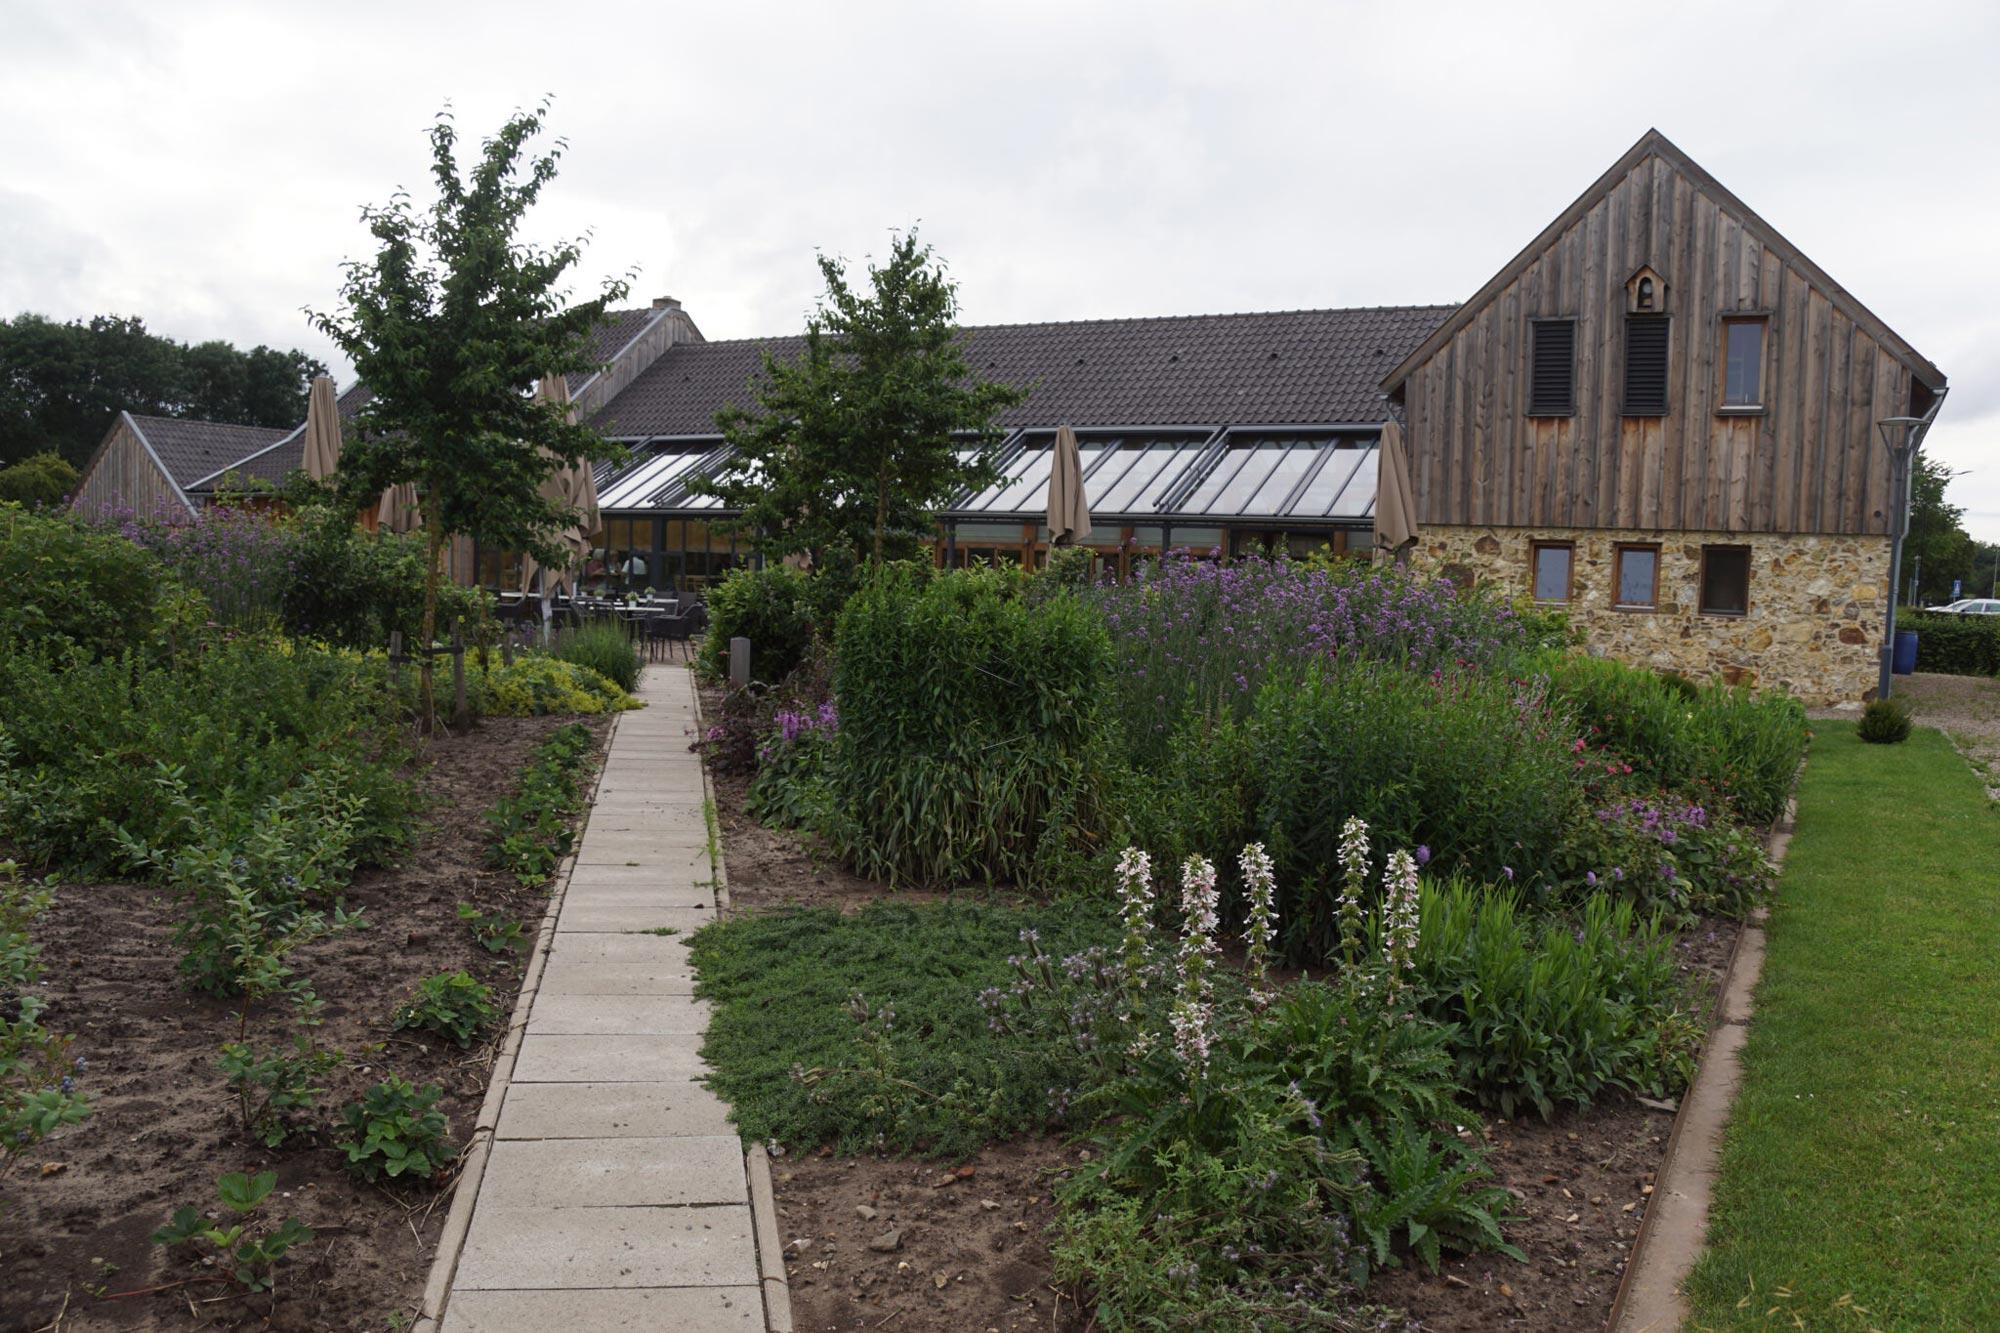 een eetbare tuin kan ook mooi zijn